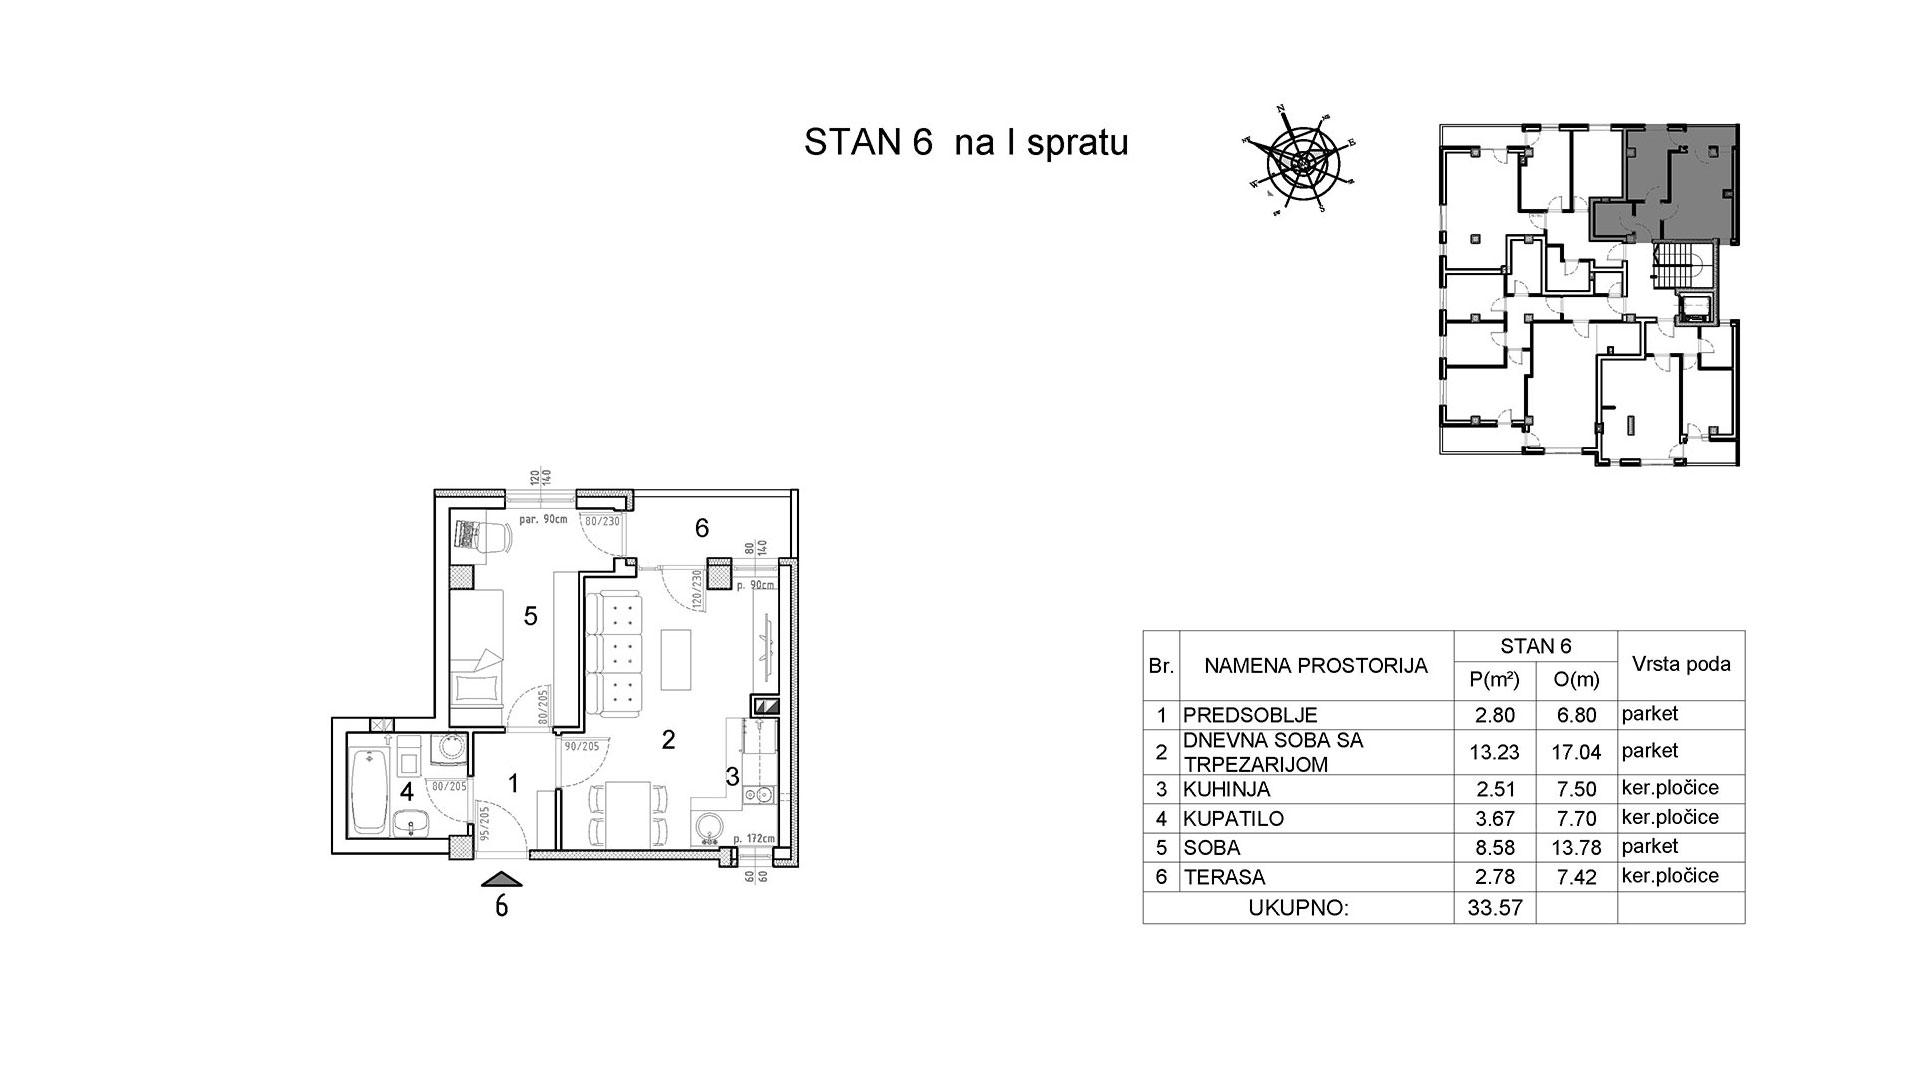 Objekat u Vranjanskoj 2 - stan 6